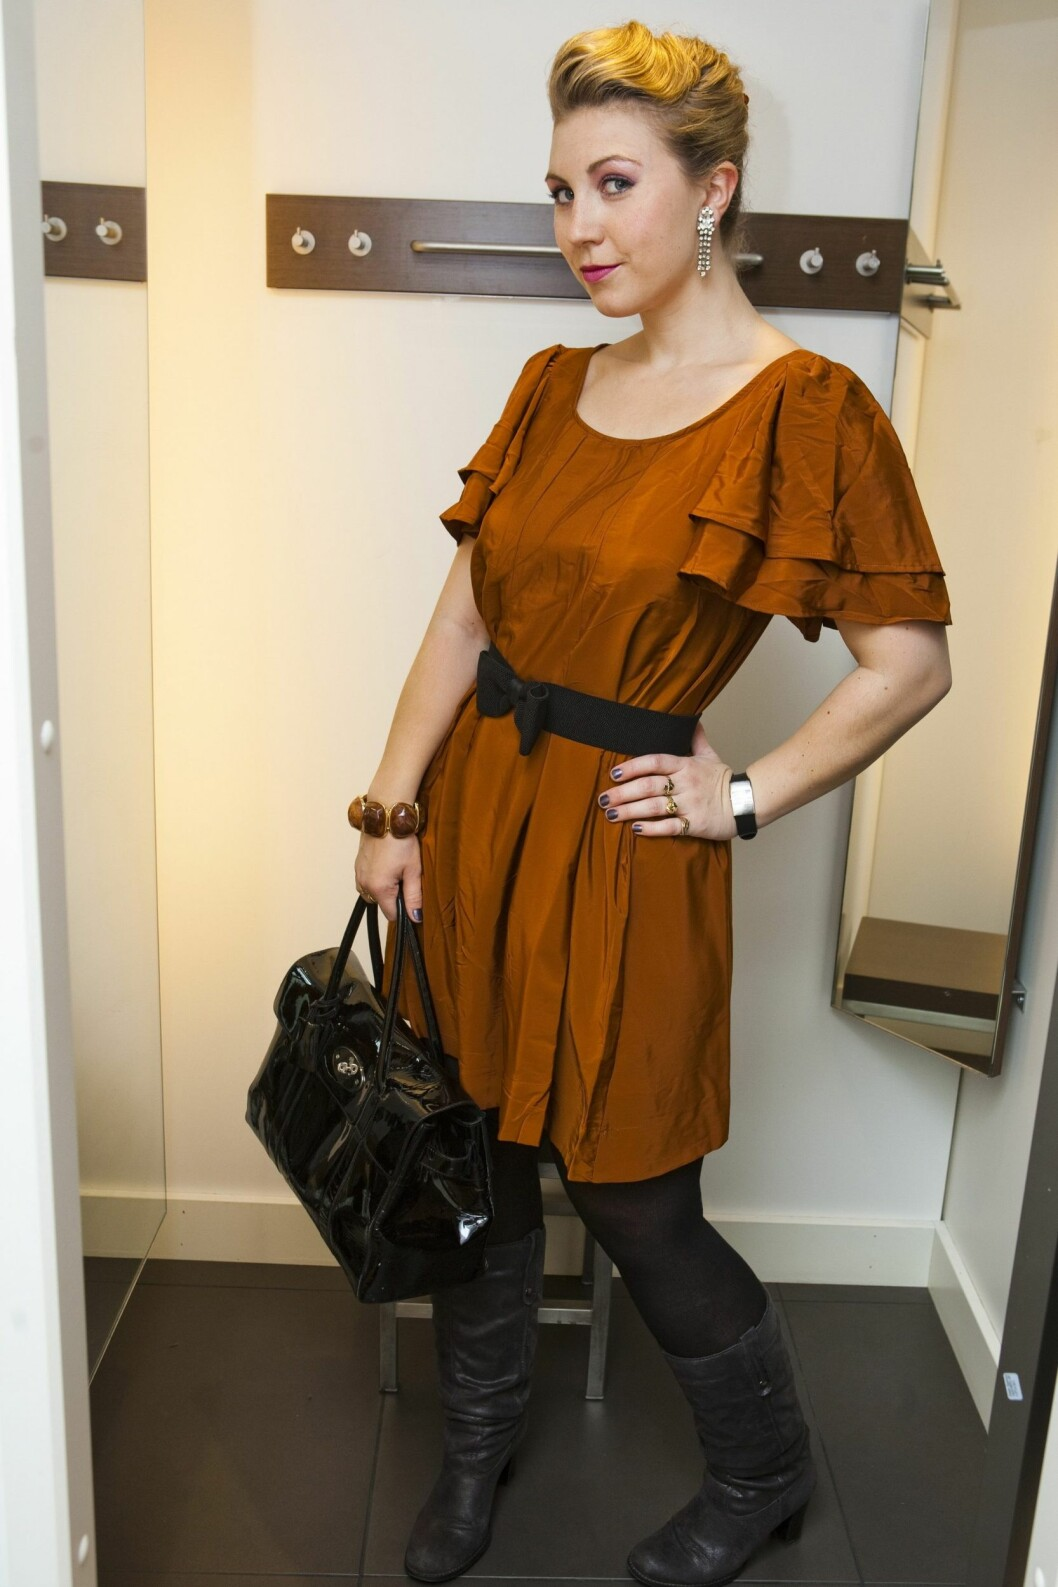 Ladylike stil med kobberfarget kjole, belte med sløyfe og Mulberry-veske som journalisten har fra før.